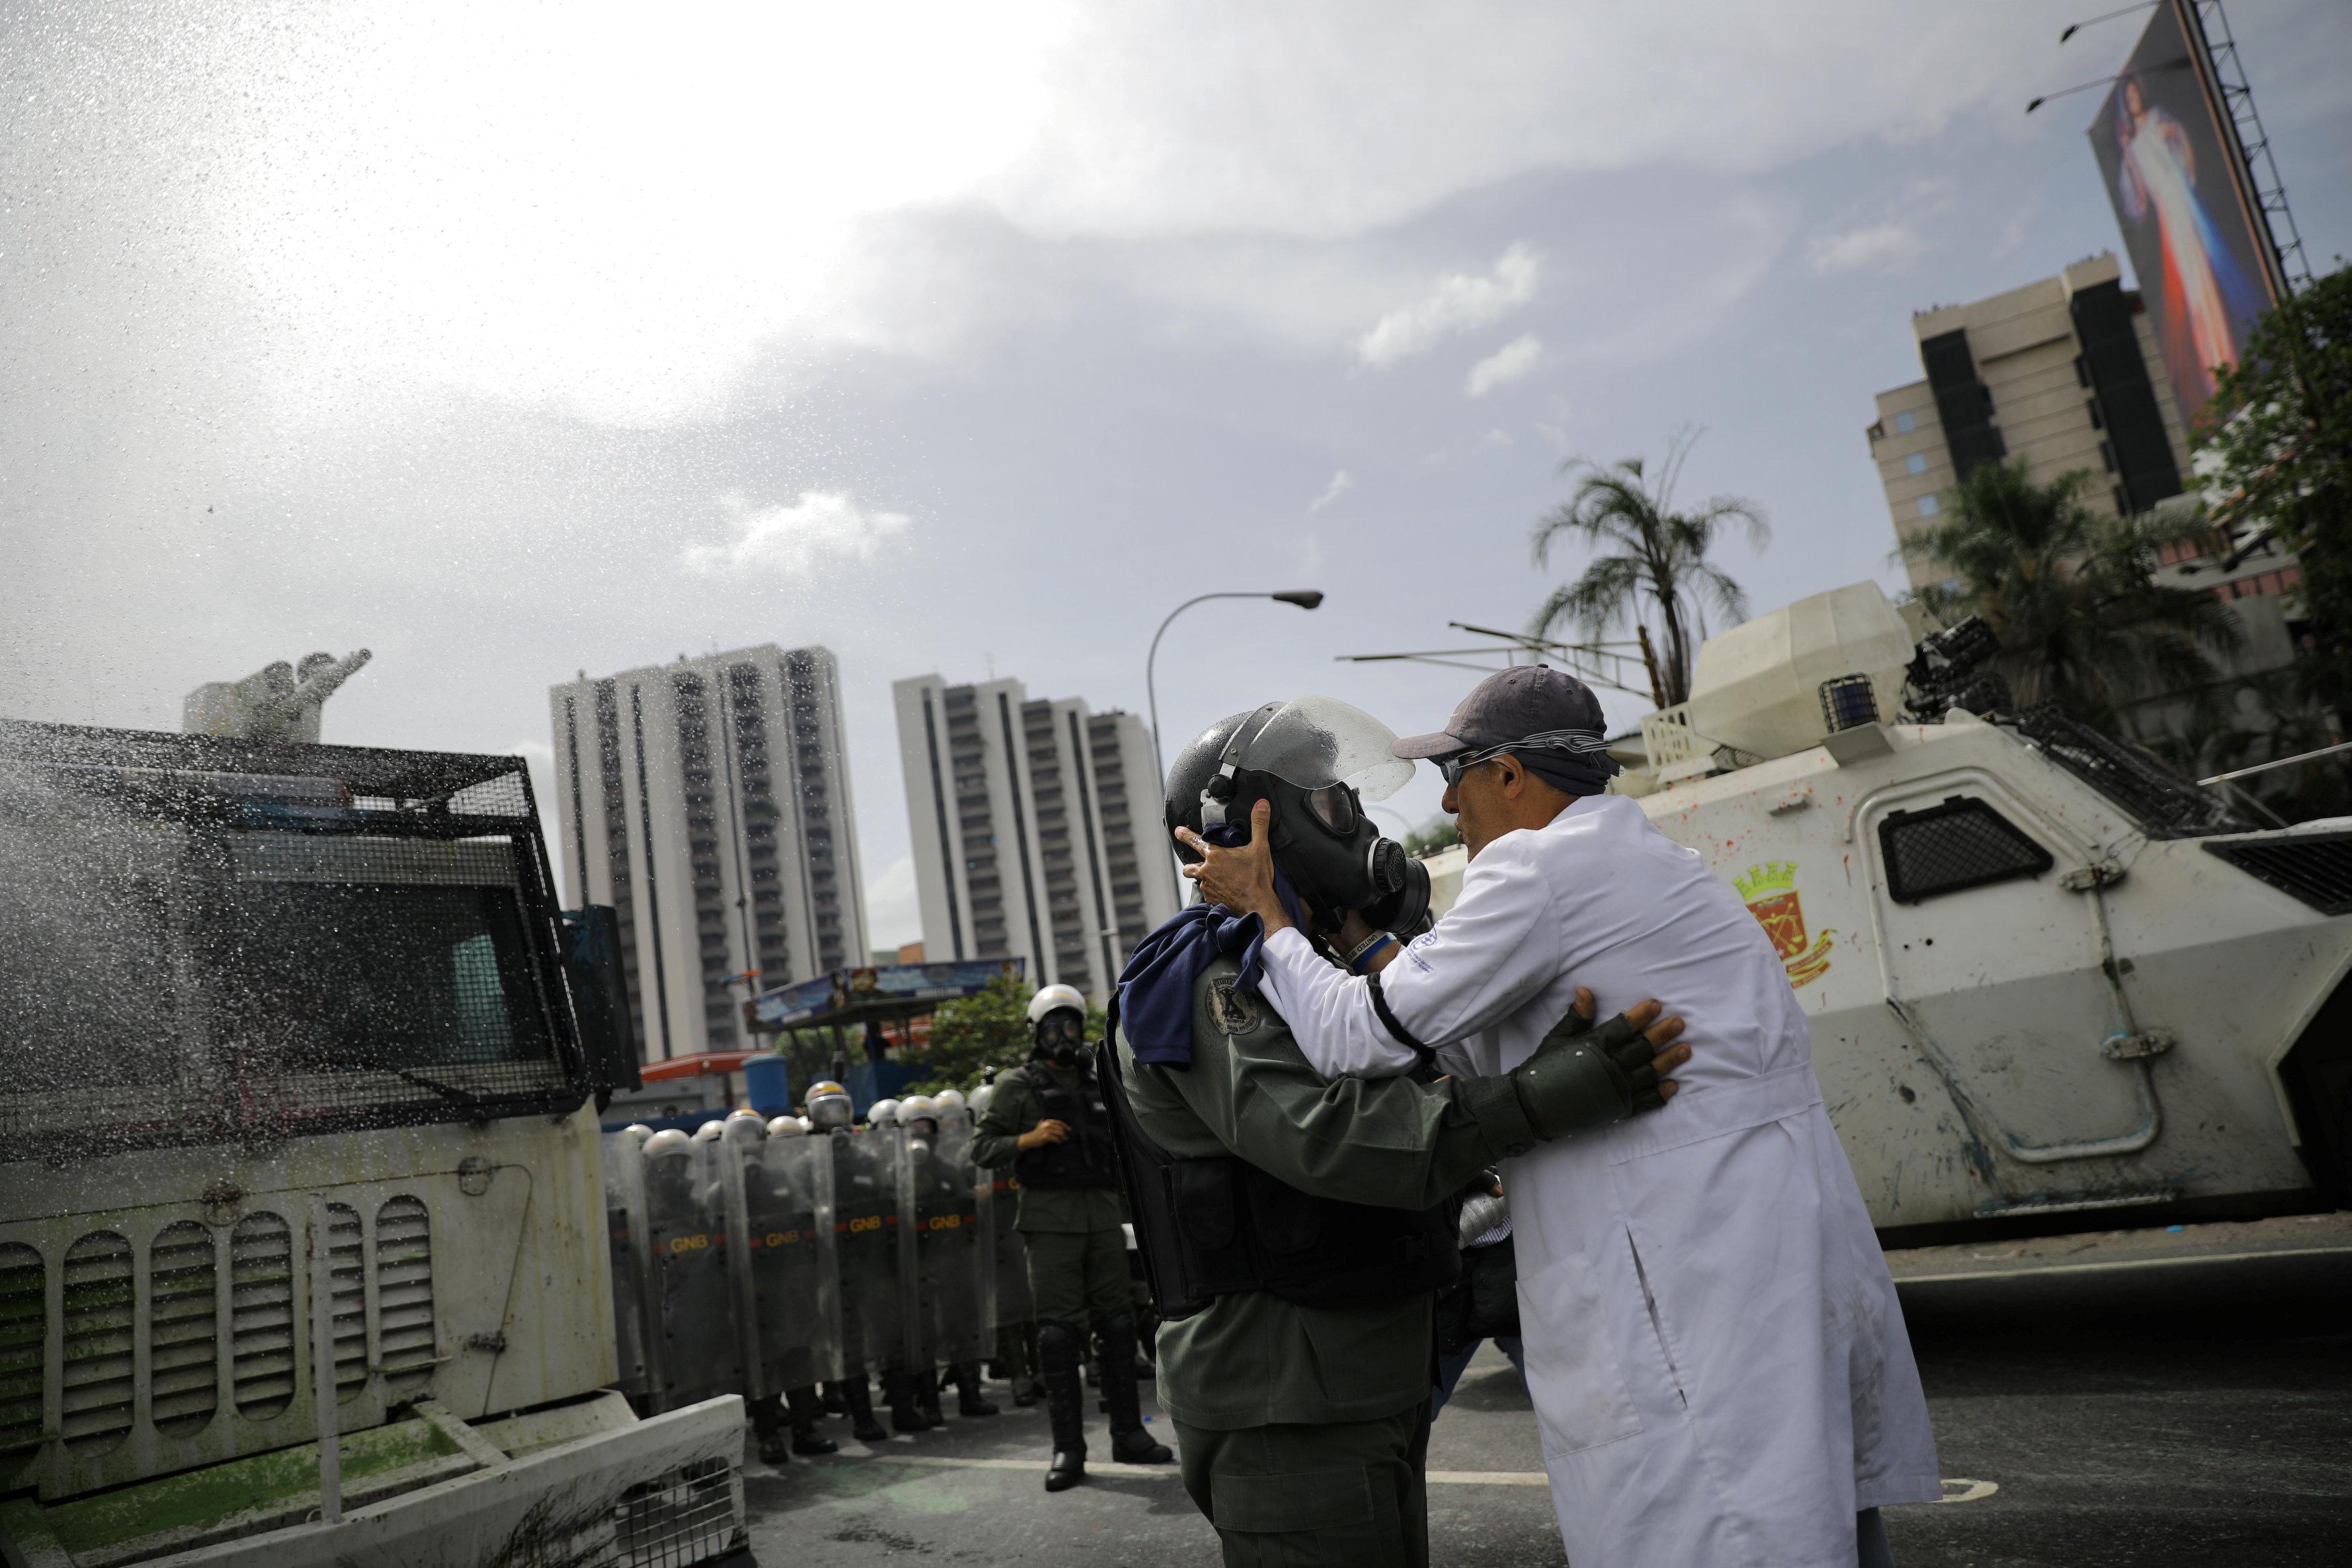 La represión de las protestas contra los galenos dejó un muerto y varios heridos en todo el país. REUTERS/Carlos Barria TPX IMAGES OF THE DAY